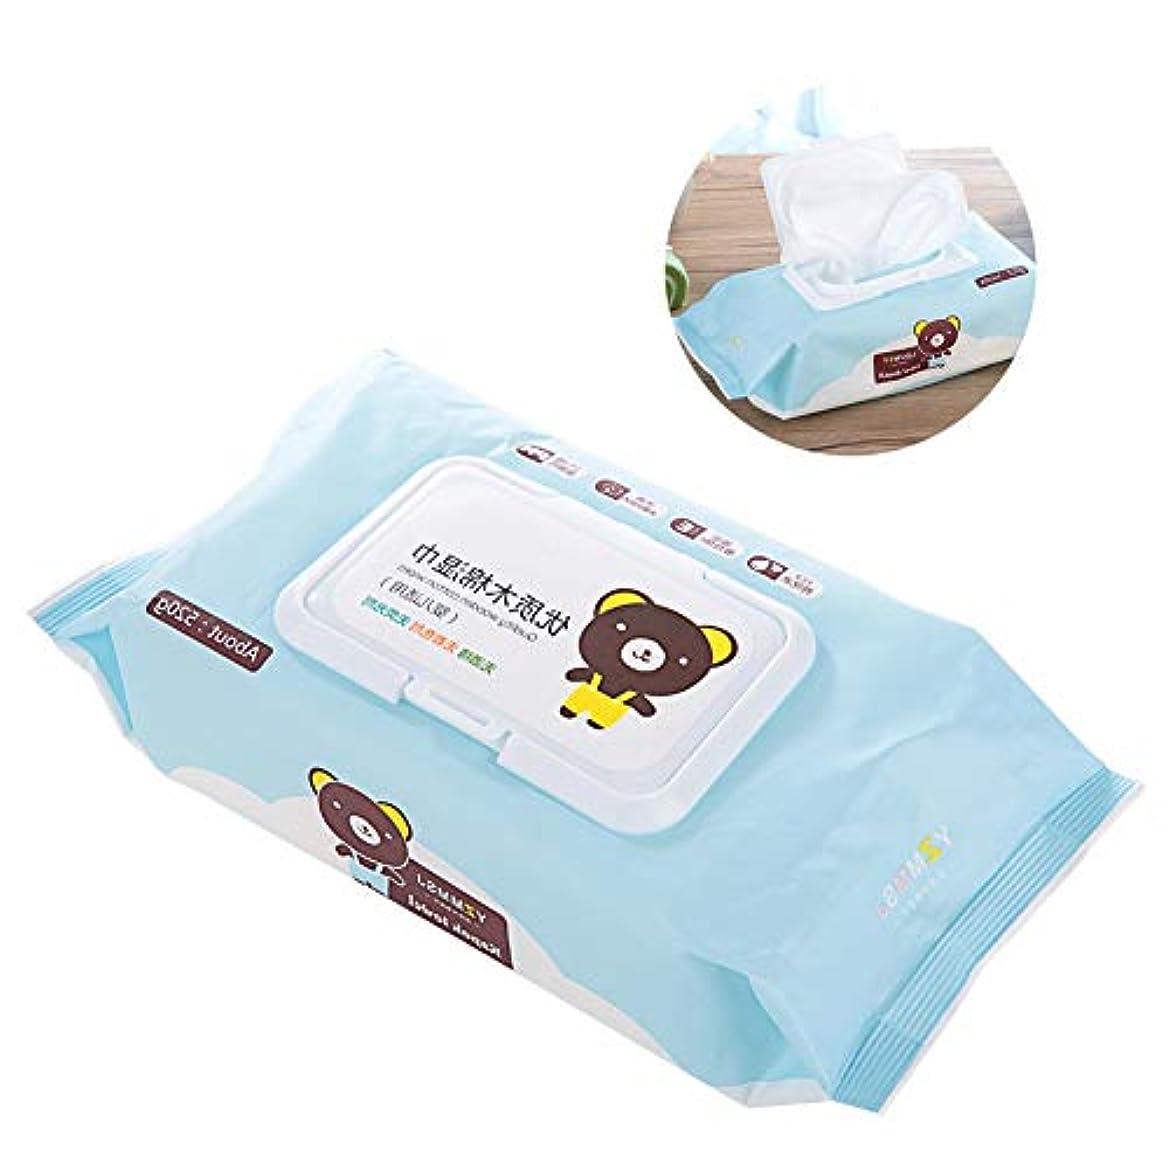 終わり相対的光沢Yuyte 80個の柔らかい使い捨て可能なウェットワイプ赤ちゃん幼児クリーニング口手のティッシュ(02)